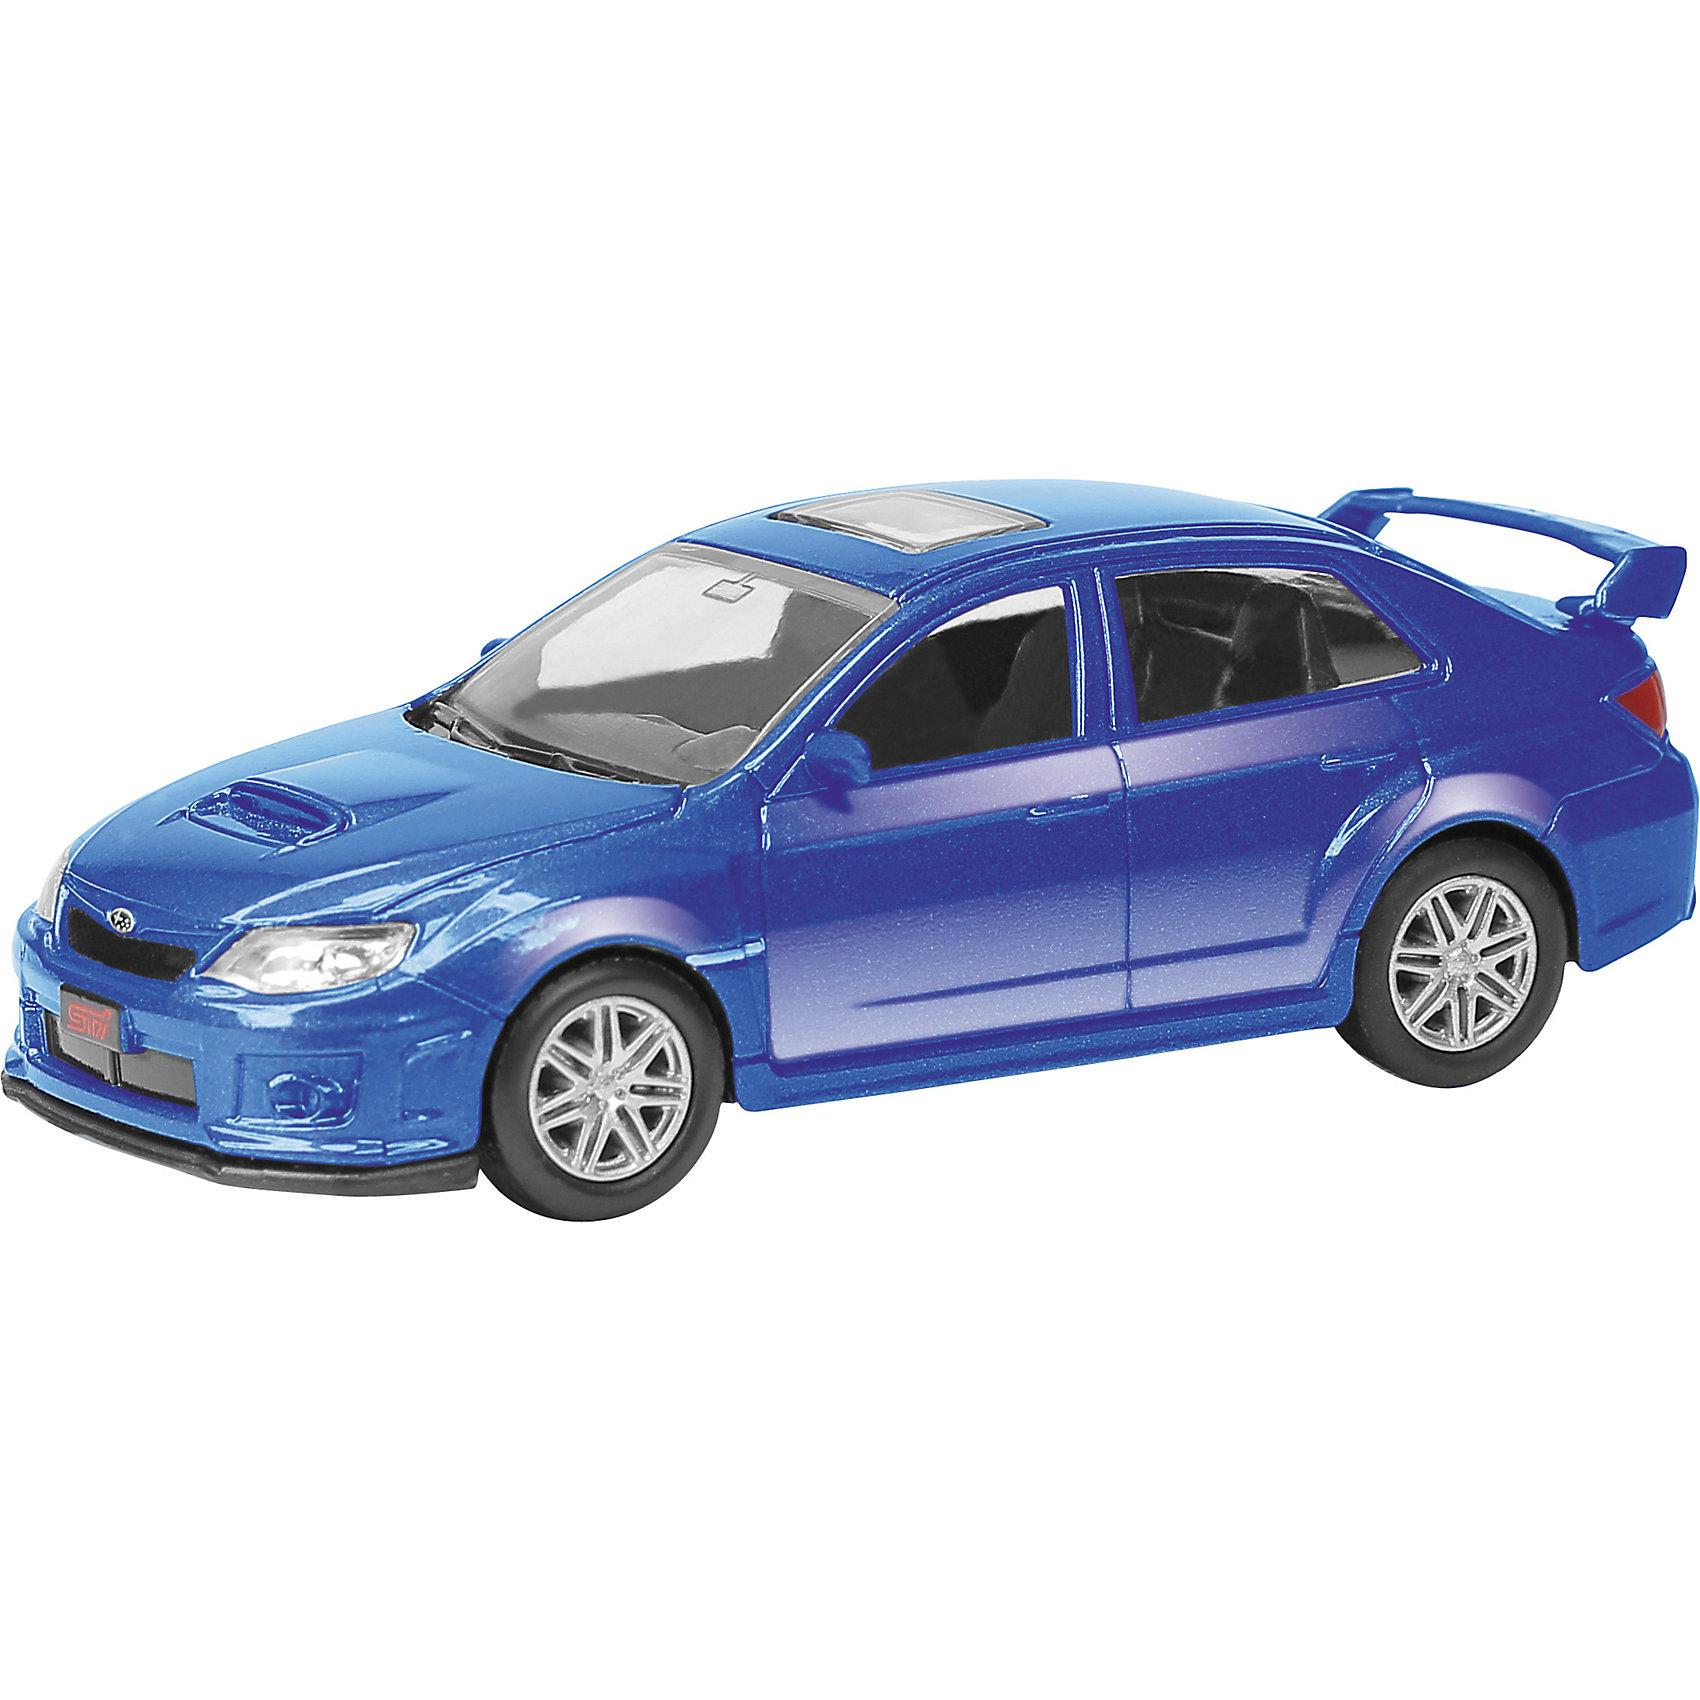 Машина SUBARU WRX STI 3Машинки<br>Машина SUBARU WRX STI 3 выполнена в масштабе 1:60, имеет подвижные колеса, очень похожа на настоящий автомобиль. Игрушка изготовлена из высококачественных прочных материалов, имеет подвижные колеса и высокую детализацию. Прекрасный подарок для юных автолюбителей! <br><br>Дополнительная информация:<br><br>- Материал: пластик, металл.<br>- Масштаб: 1:60.<br>- Колеса подвижные.<br>- Размер упаковки: 10х4х4 см.<br><br>Машину SUBARU WRX STI 3 можно купить в нашем магазине.<br><br>Ширина мм: 90<br>Глубина мм: 42<br>Высота мм: 40<br>Вес г: 45<br>Возраст от месяцев: 36<br>Возраст до месяцев: 84<br>Пол: Мужской<br>Возраст: Детский<br>SKU: 4515359